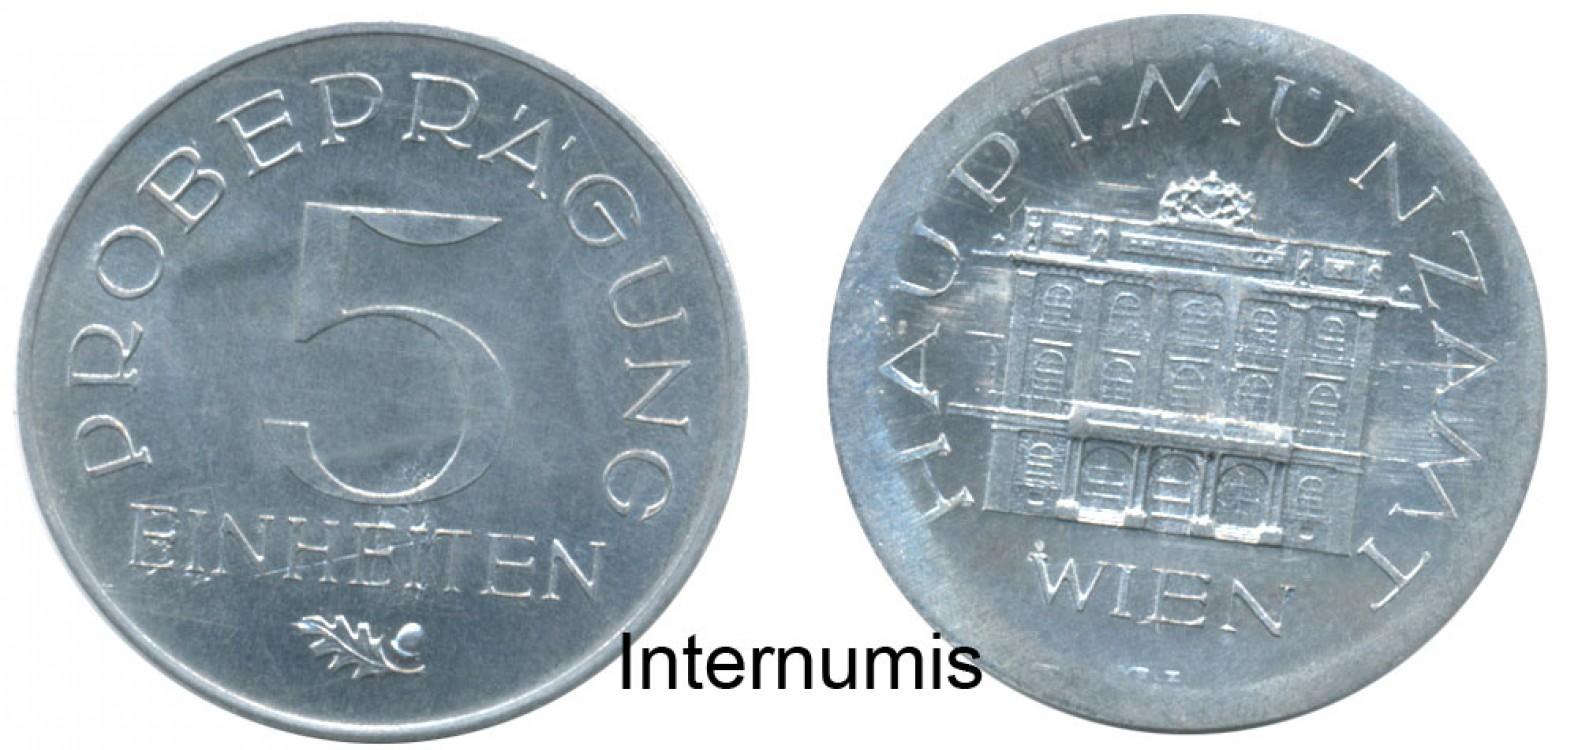 Euromünzen österreich Archive Internumis